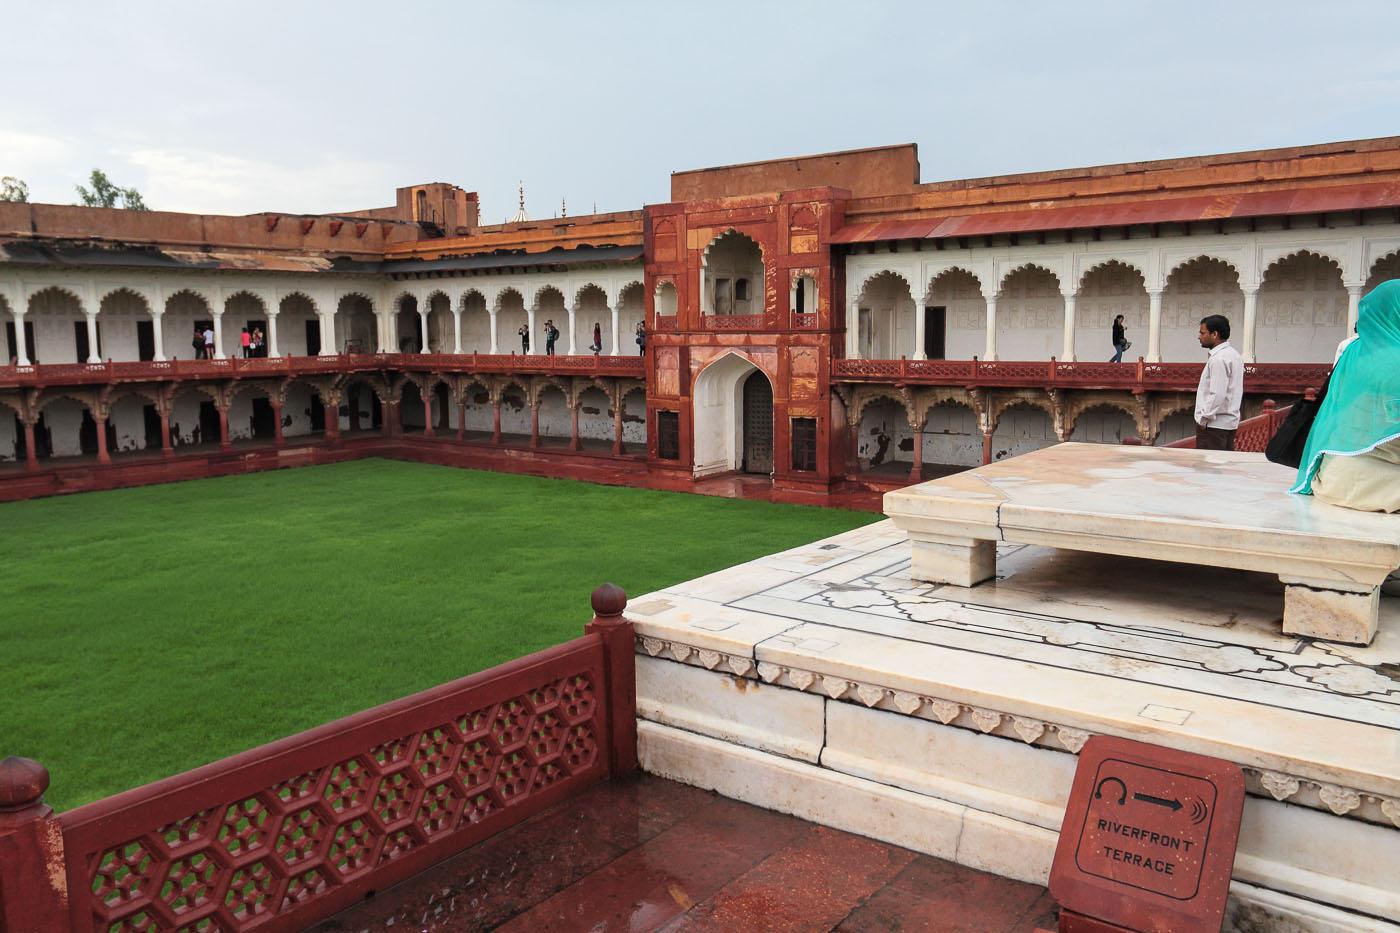 Фото 6. Диван-и-Хас с тронным местом. Поездки по Индии.